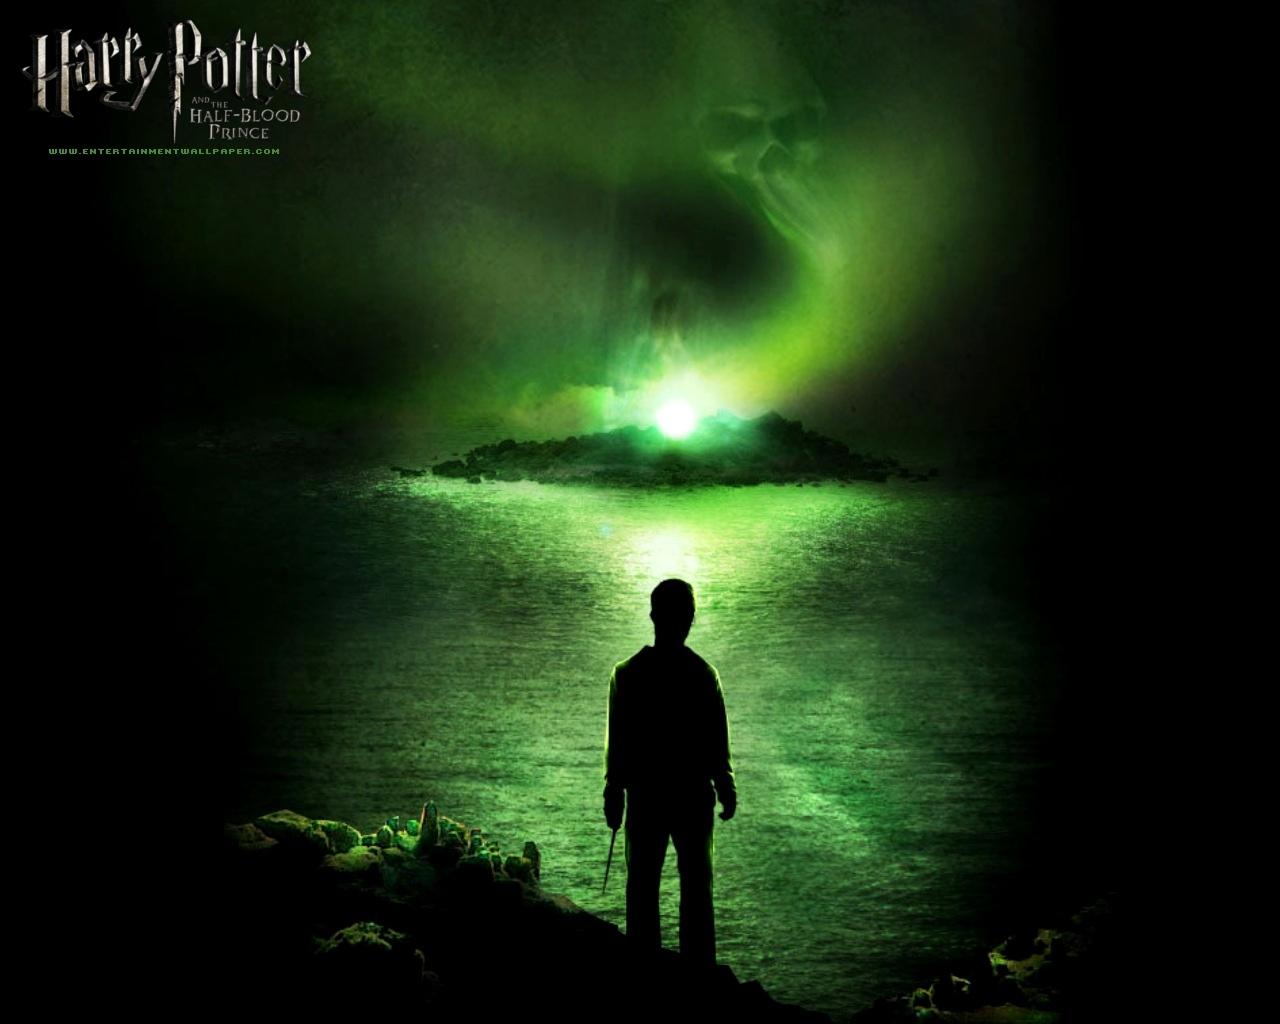 Dark Mark Harry Potter Wallpaper The Dark Mark